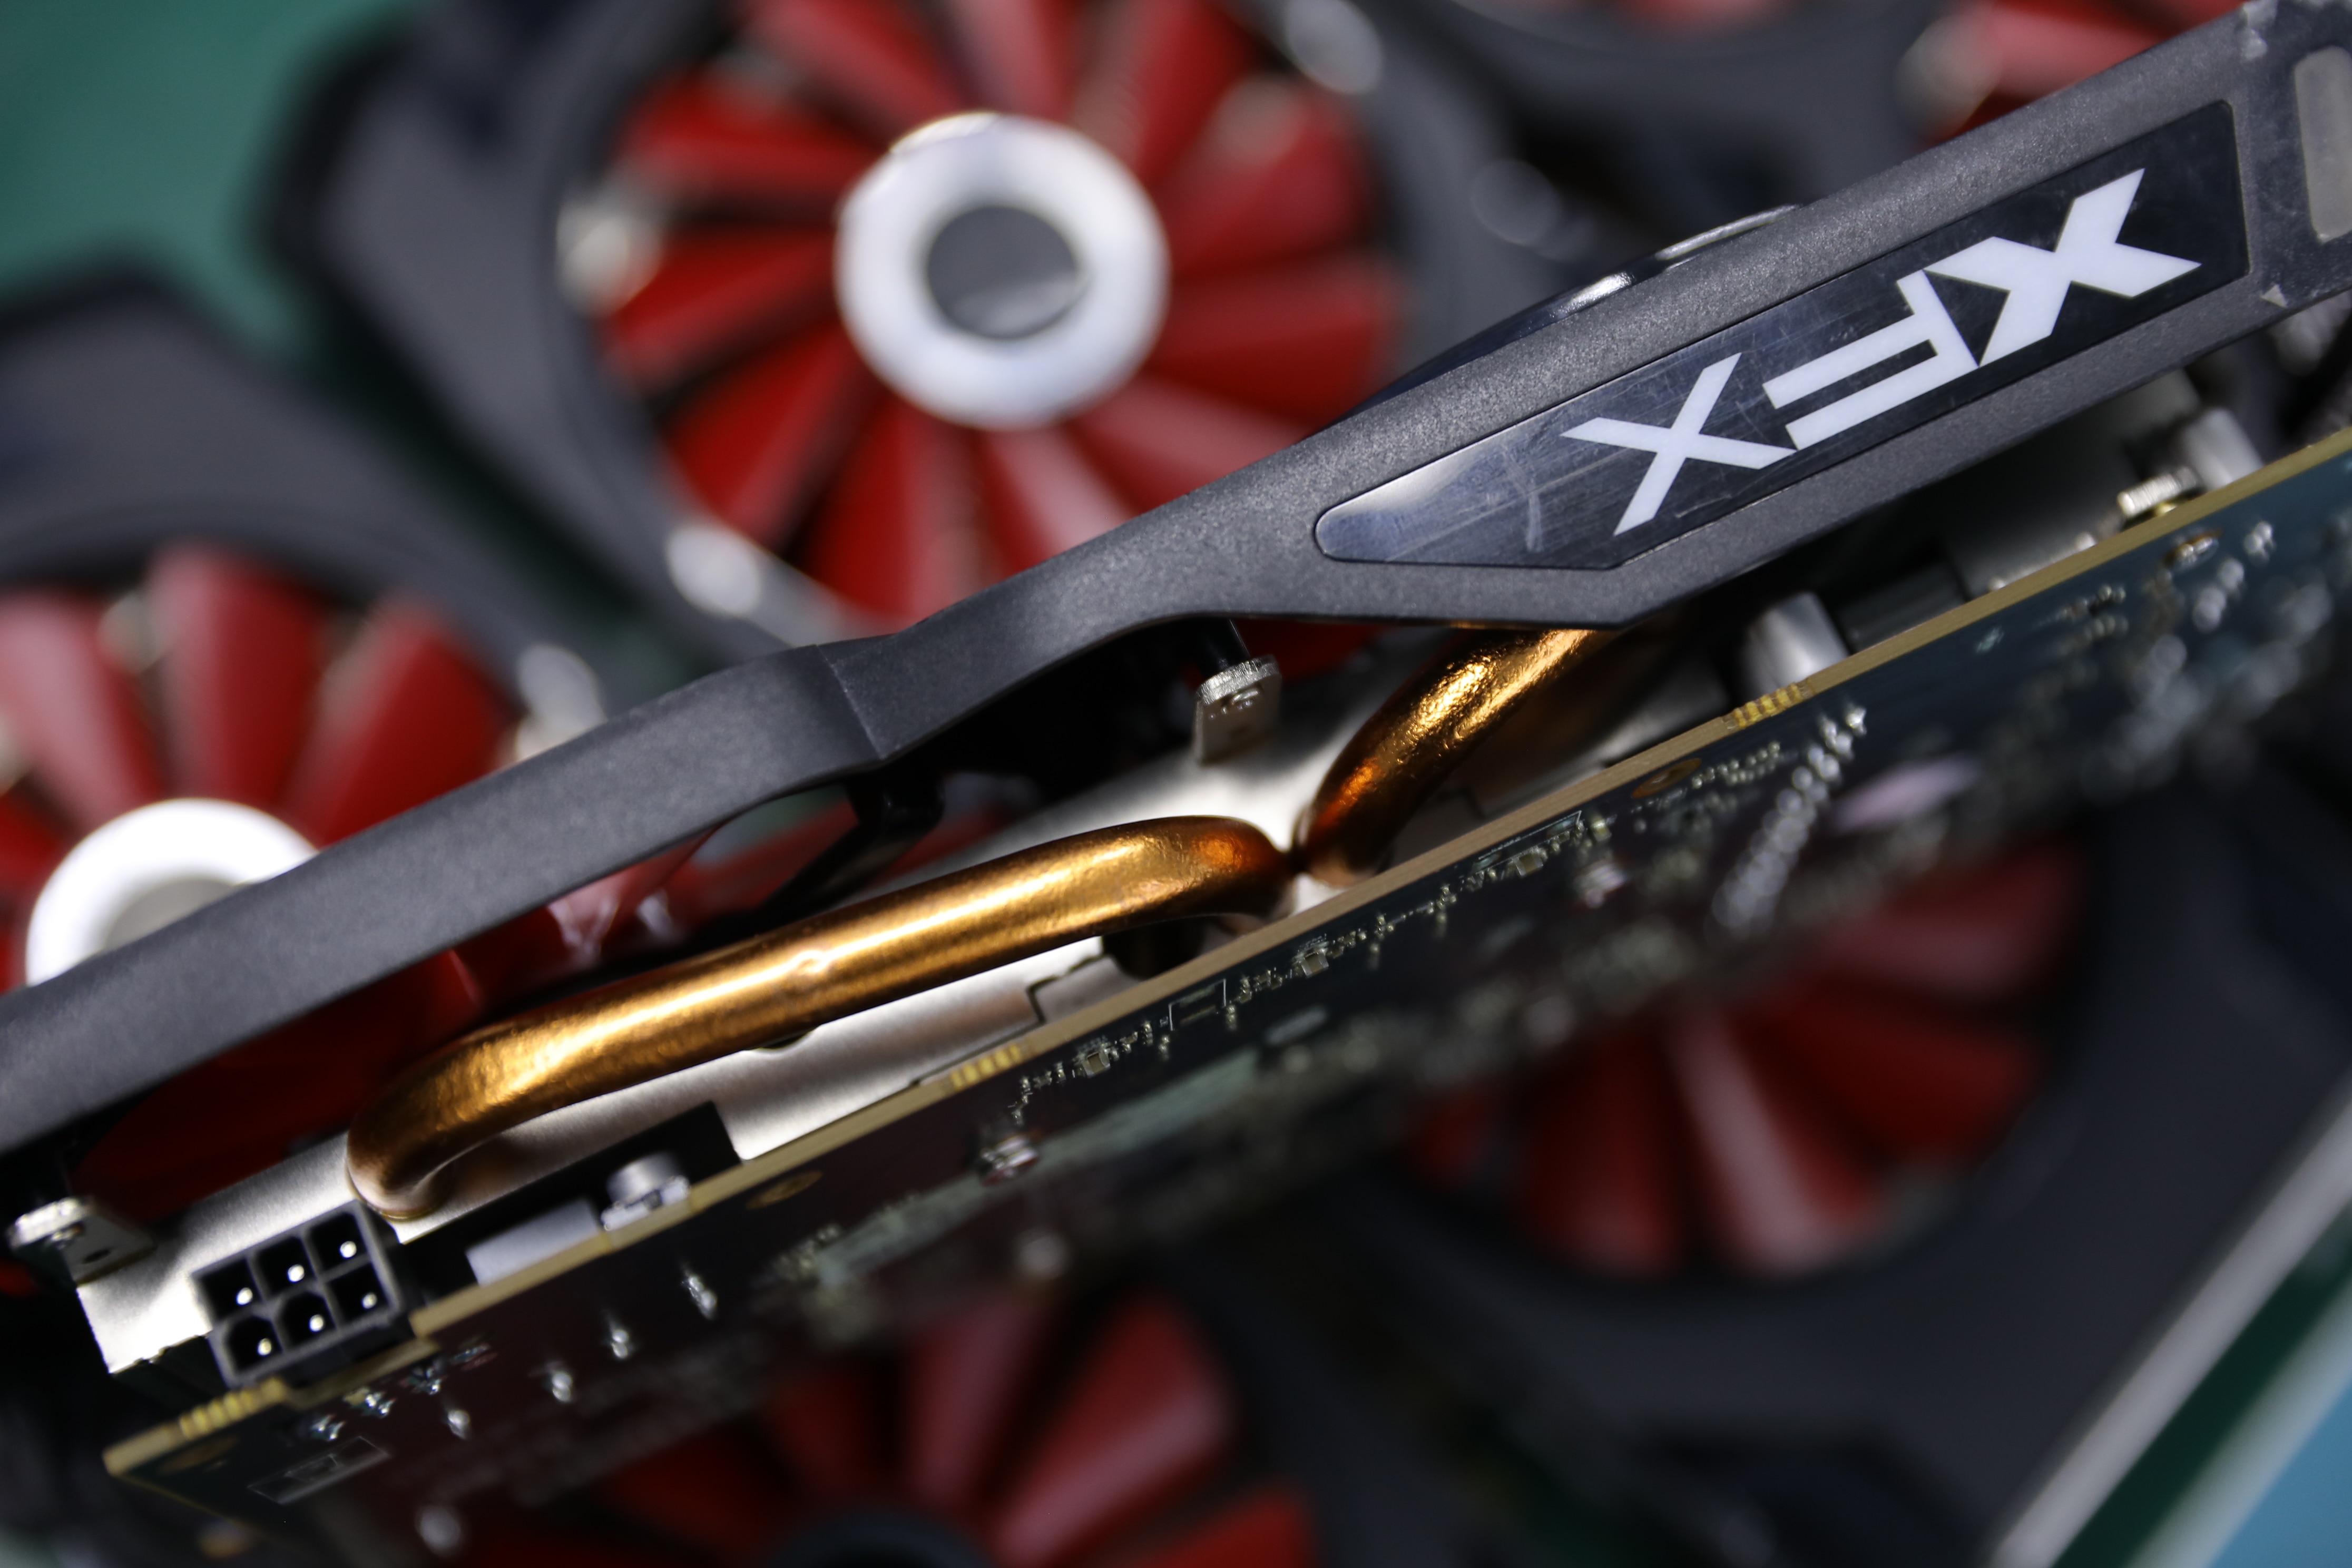 XFX rx 470 4gb graphics card 256bit gddr5 4gb desktop used video card pc amd graphics card radeon rx 470 xfx rx 470 4g 4